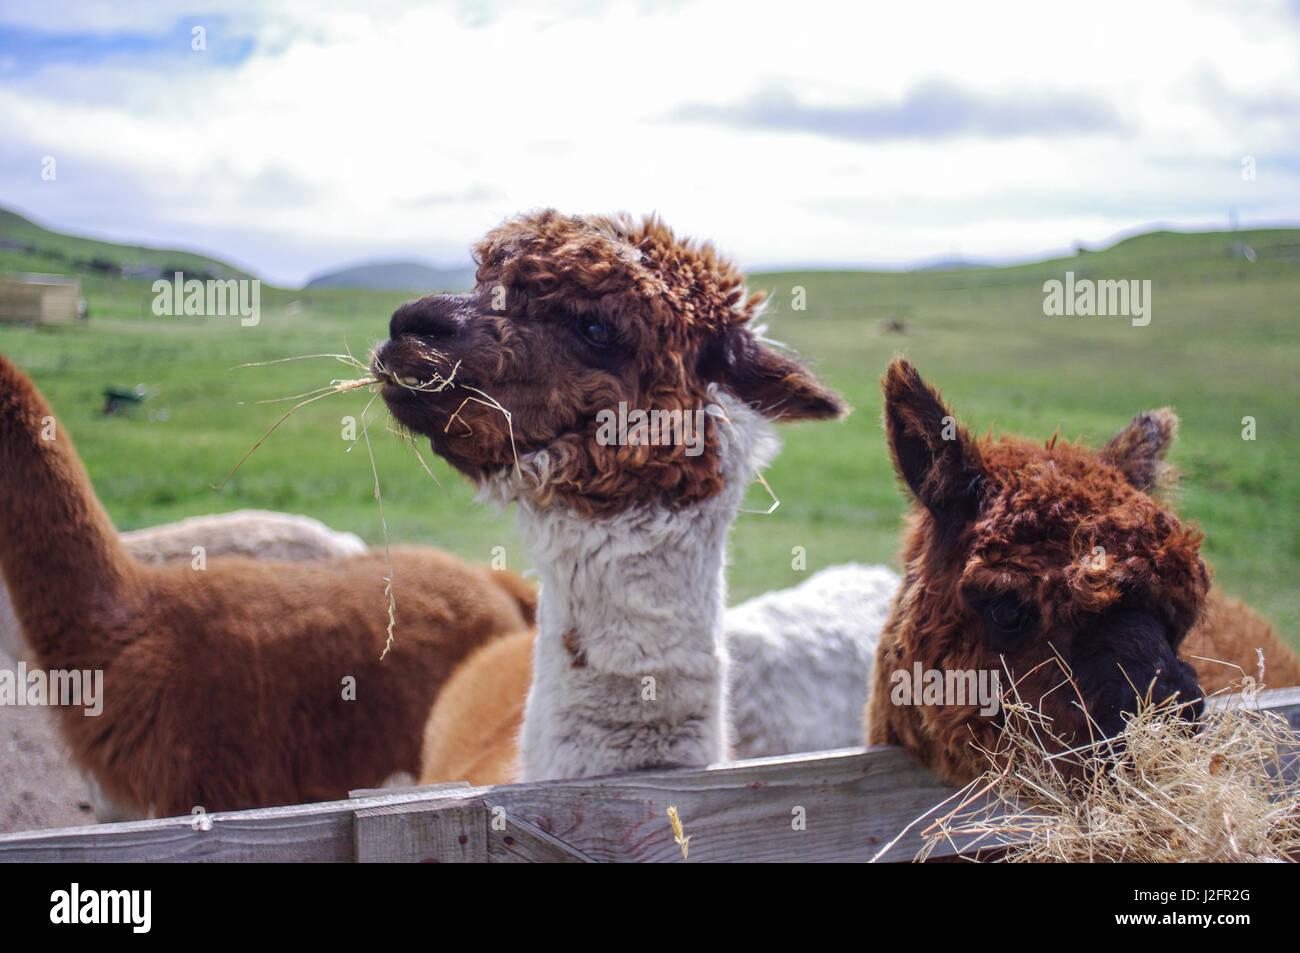 Llamas feeding on a remote farm in Shetland, SCotland. Llama cheese is mad from llama milk. These llamas seem happy. - Stock Image